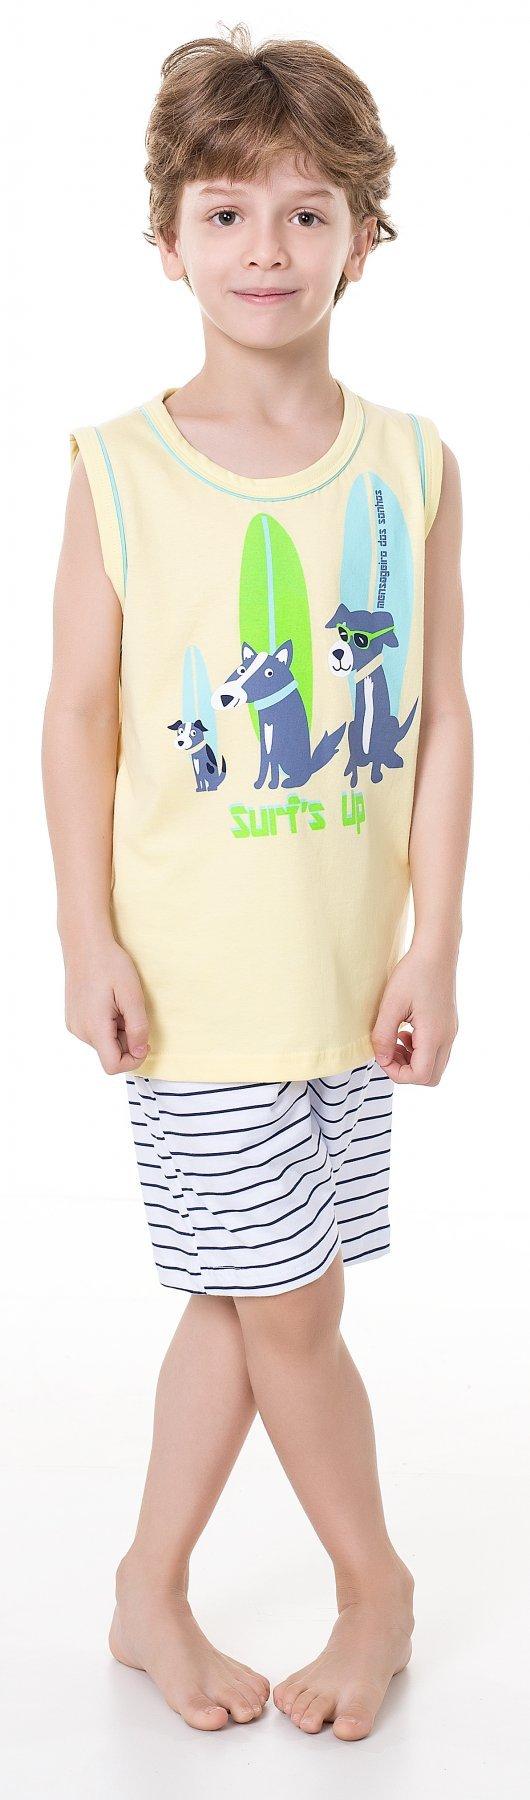 Pijama Infantil Dog Surfista Verão 2017 (com Estampa que Brilha no Escuro)